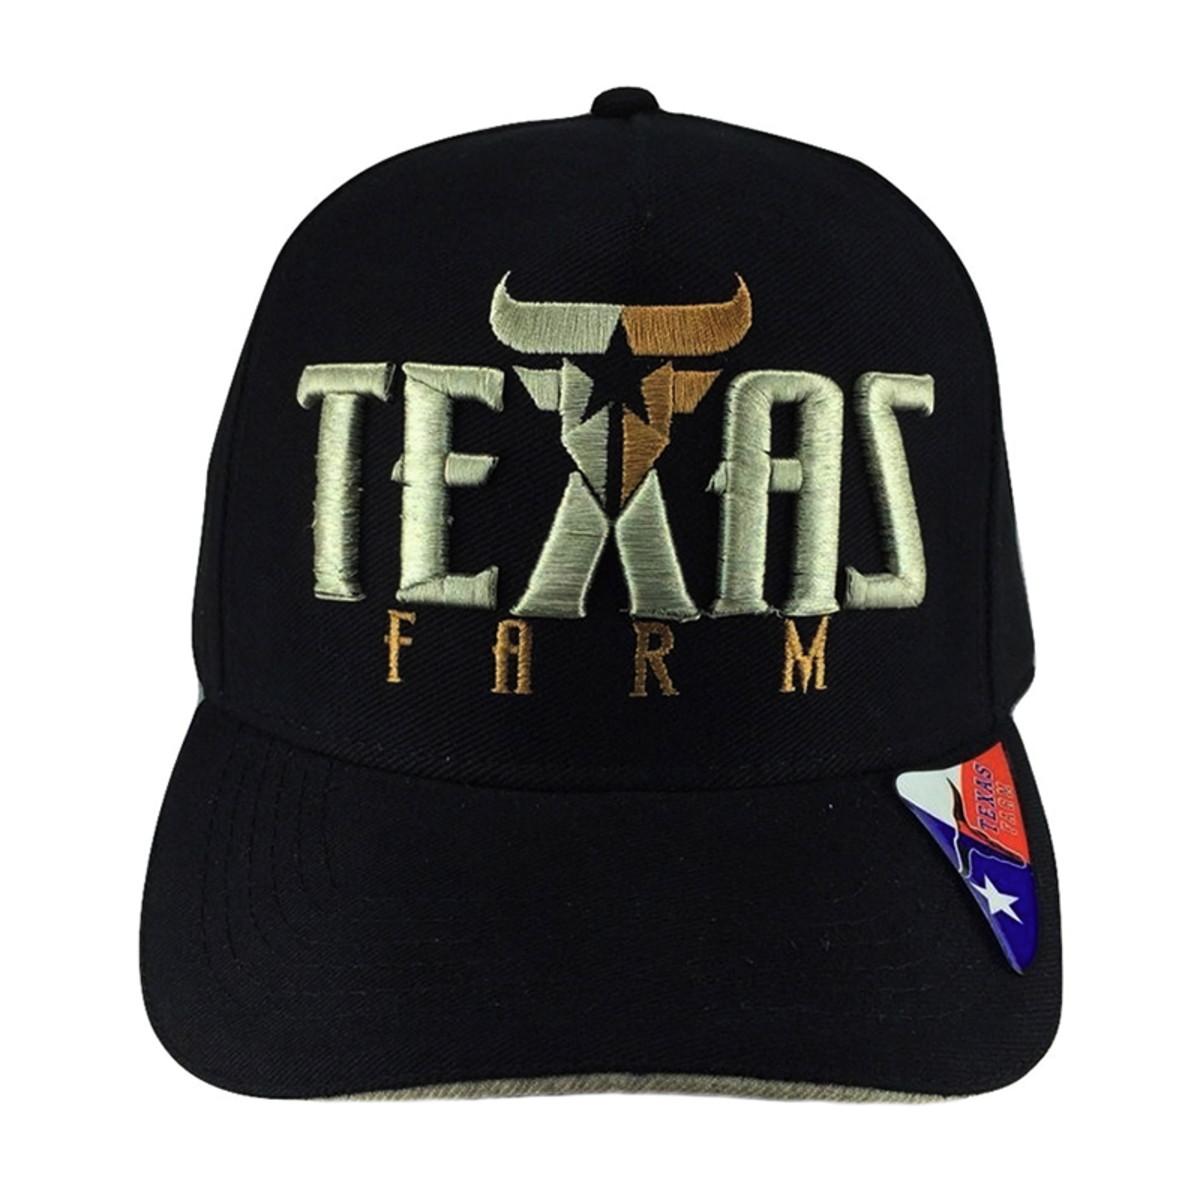 082213a23838e Boné De Aba Reta Country Texas Farm Texas no Elo7